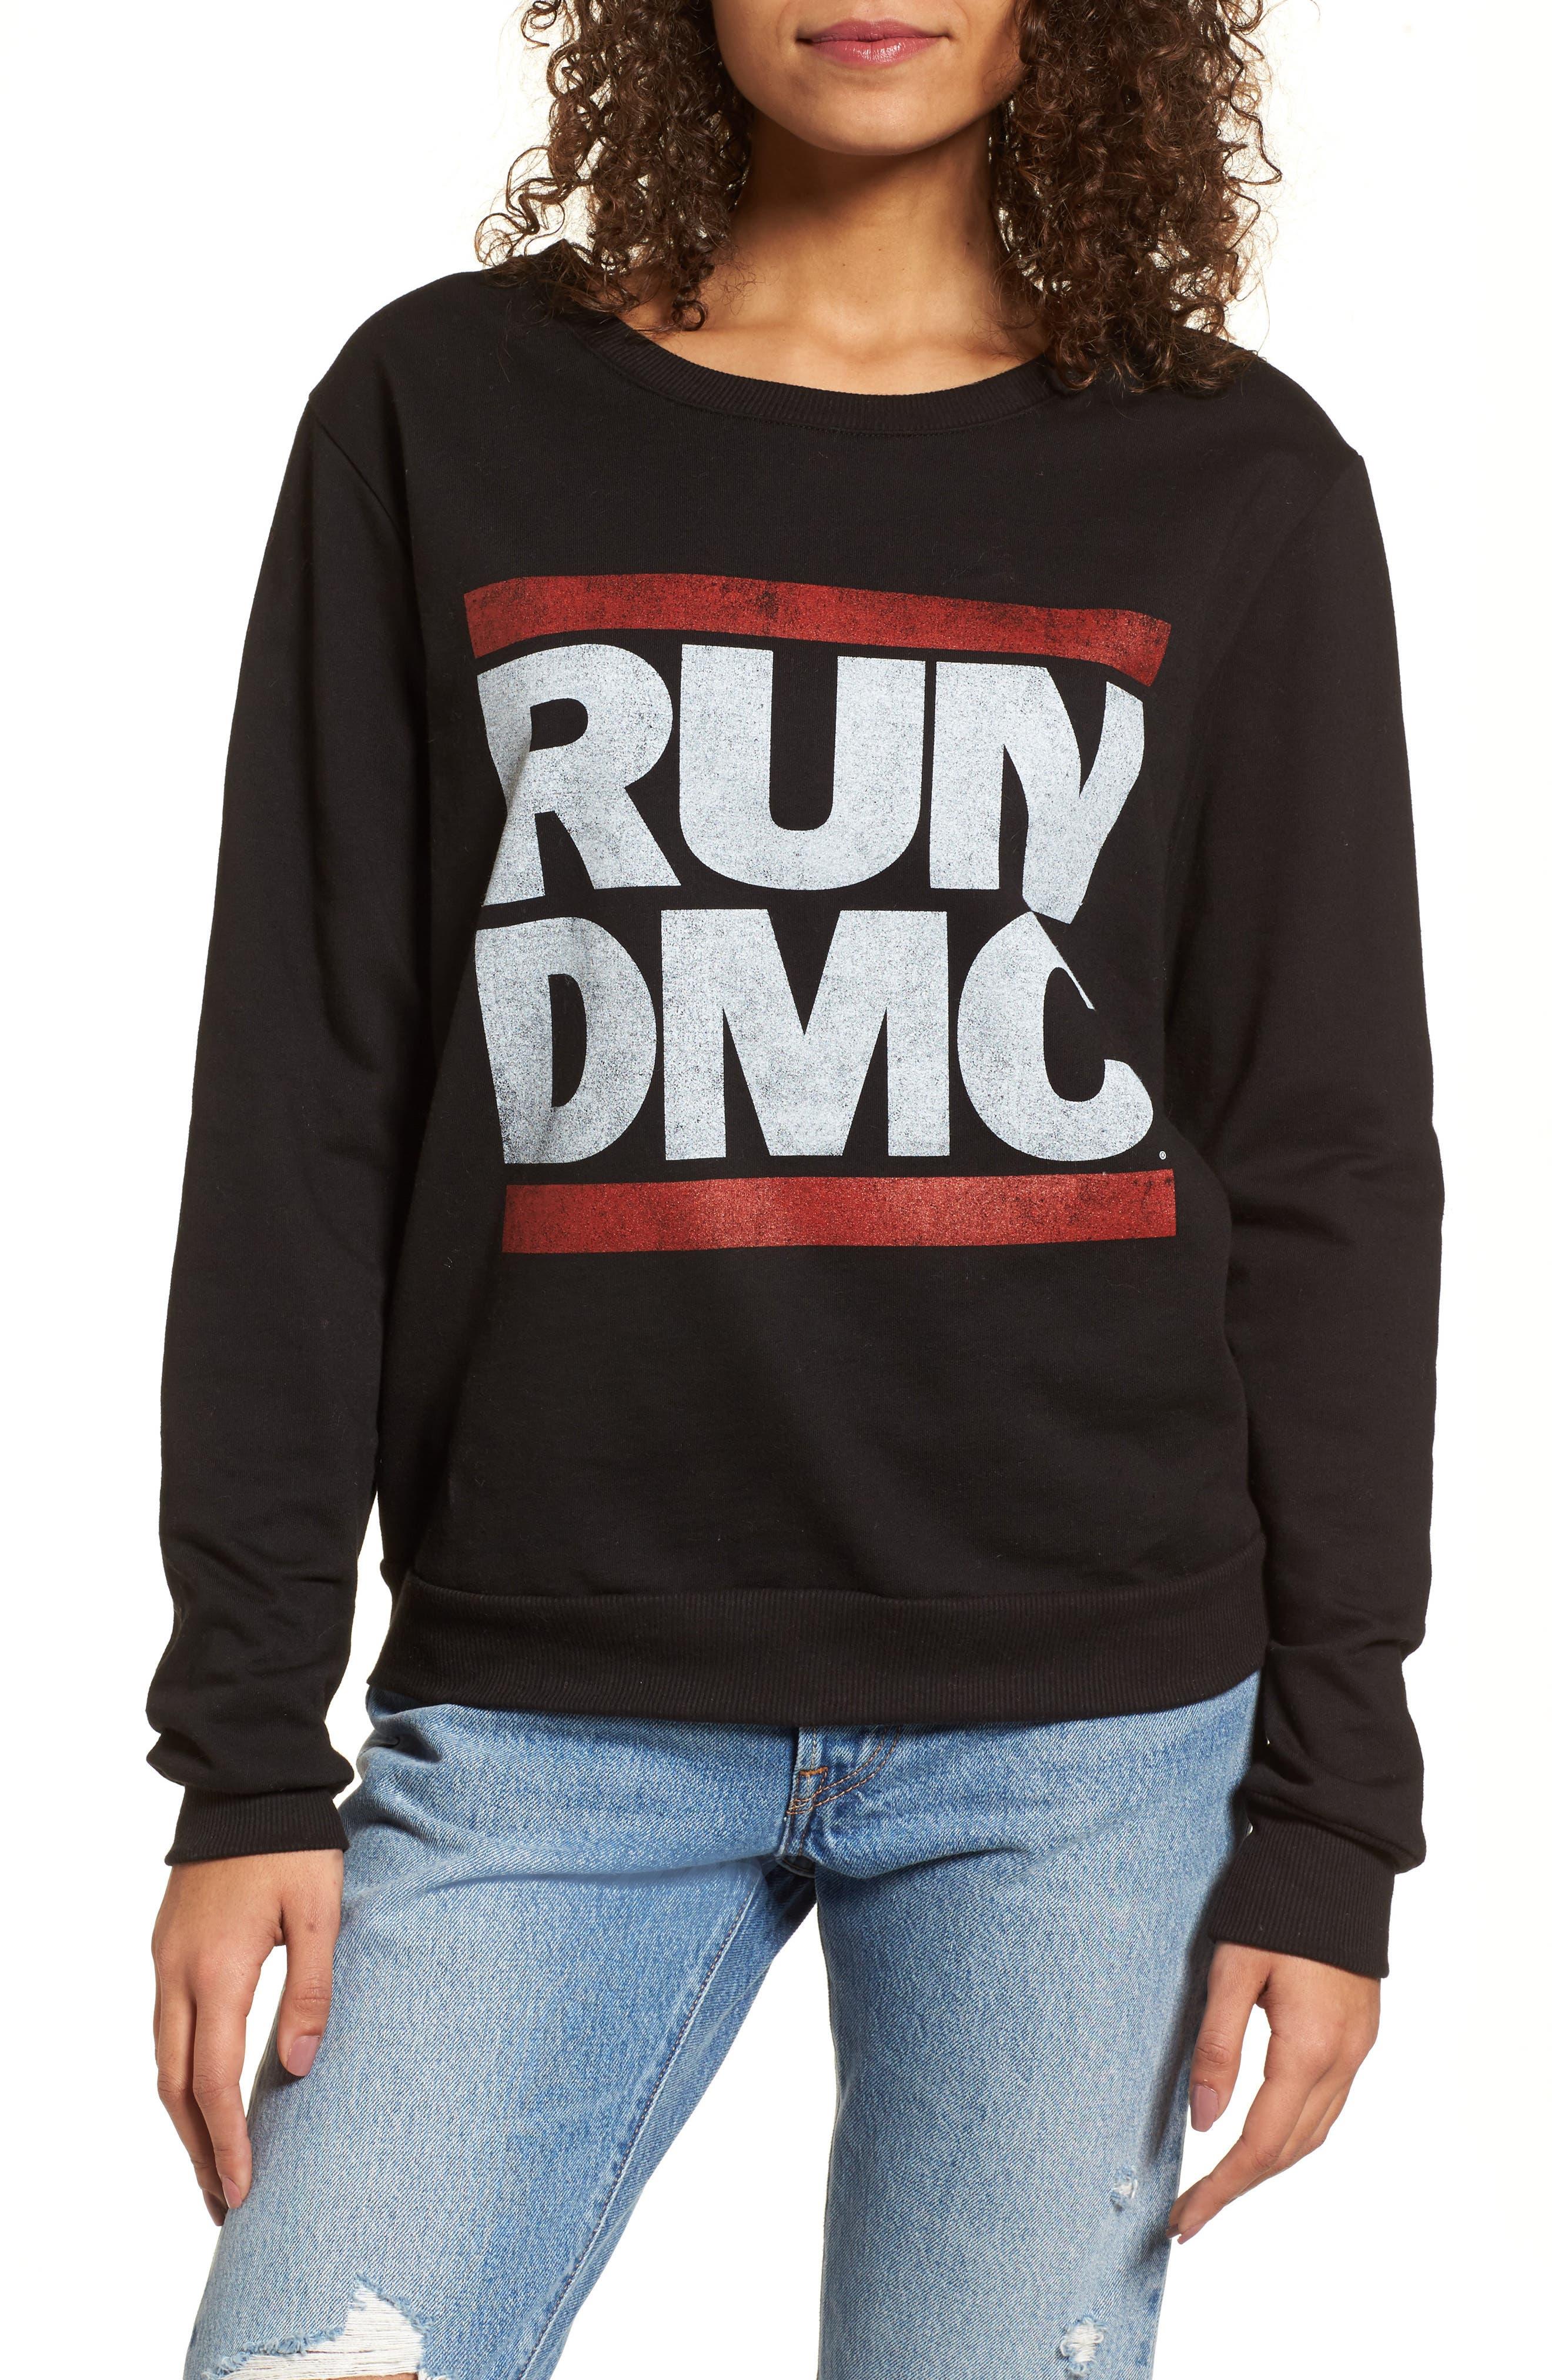 Run-DMC Sweatshirt,                             Main thumbnail 1, color,                             001